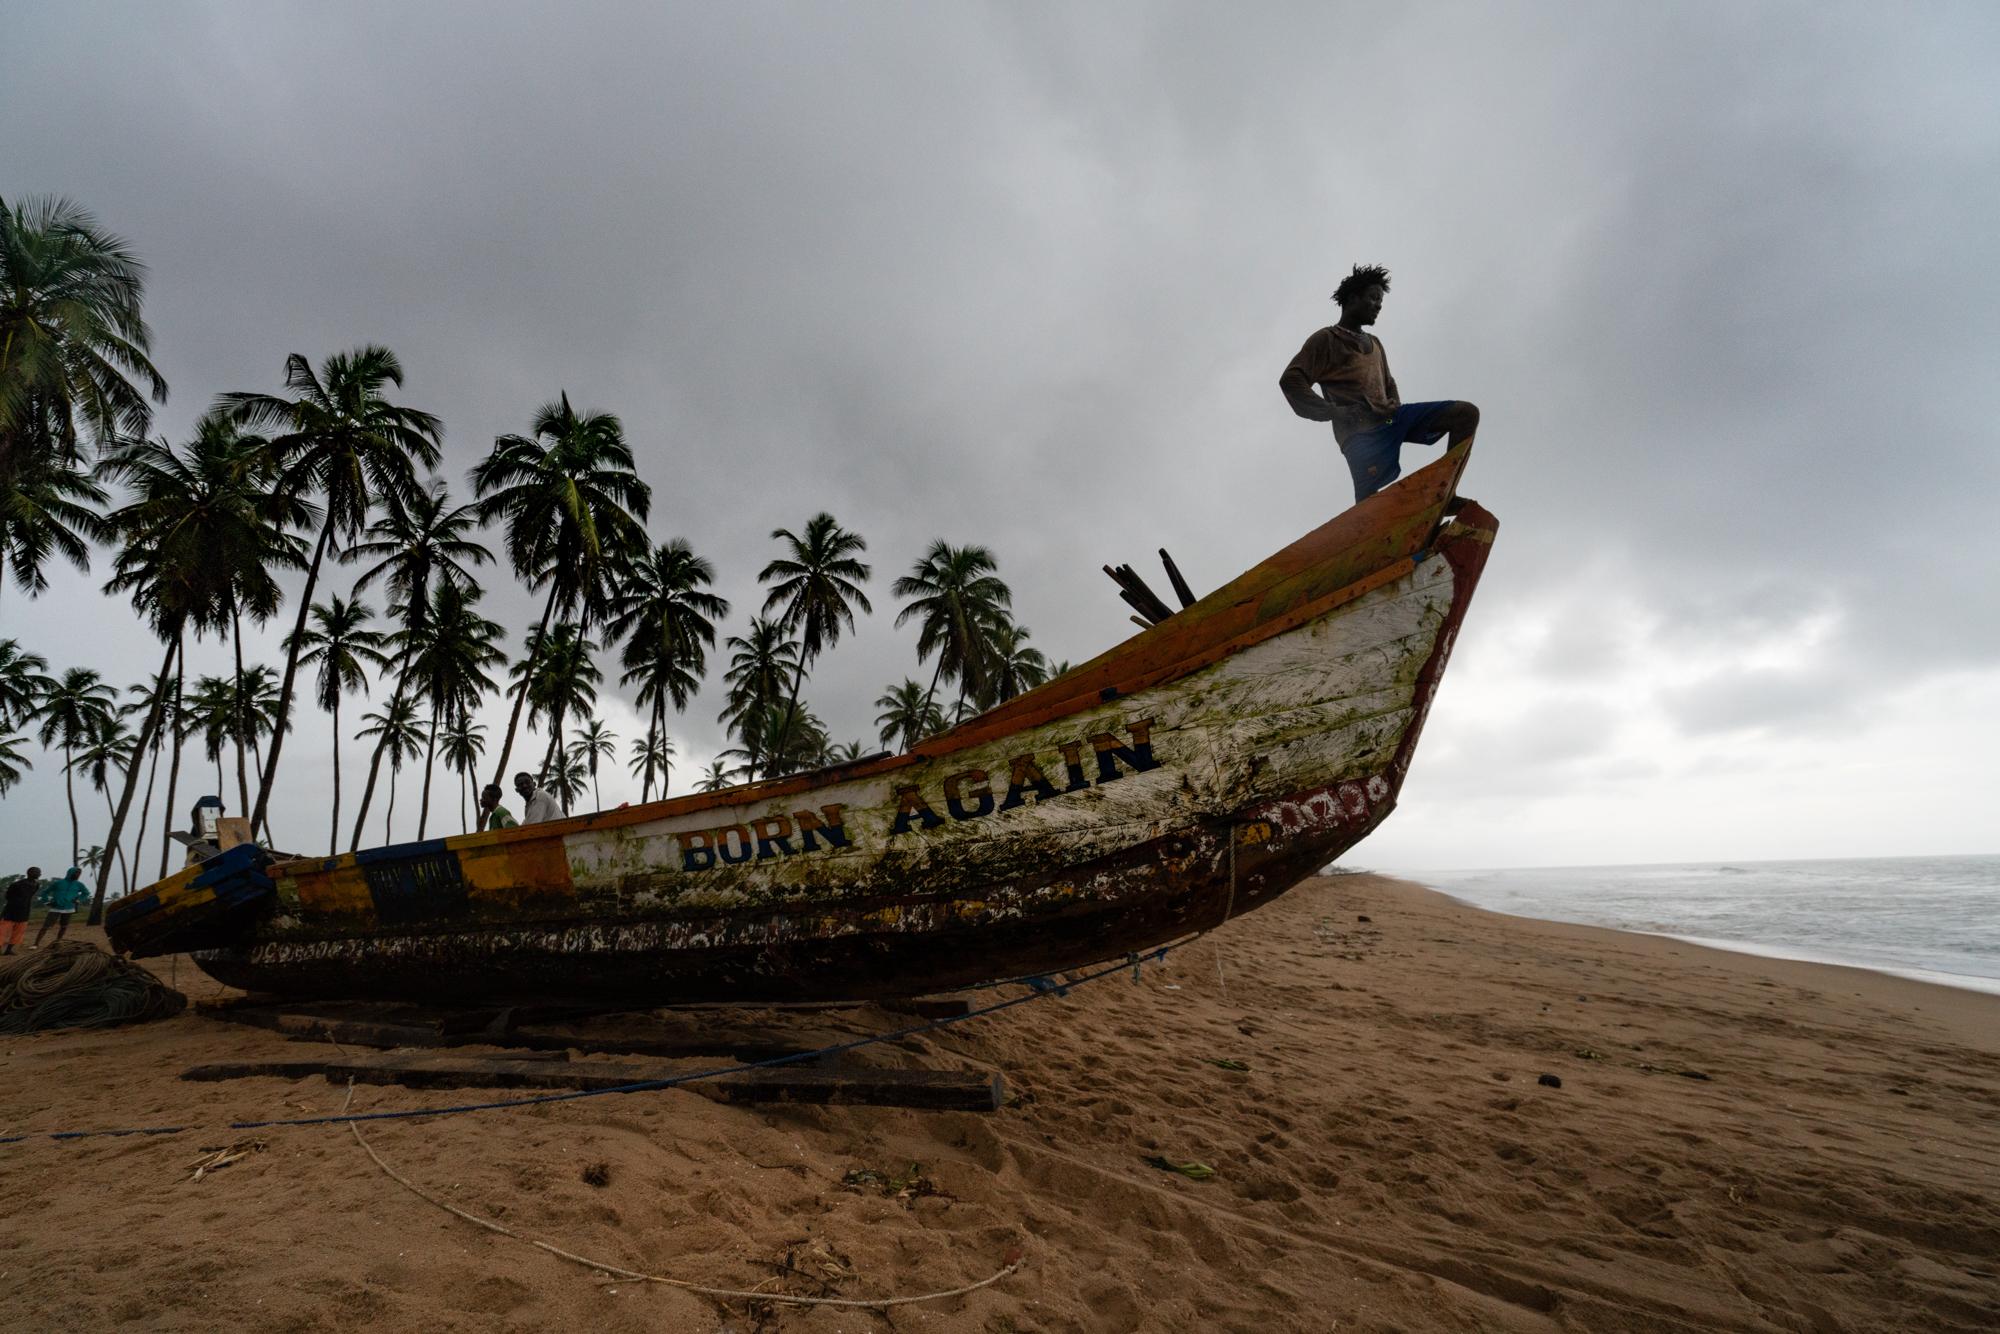 Benin_2000_ret  sin título2018-00169 7952 x 5304.jpg